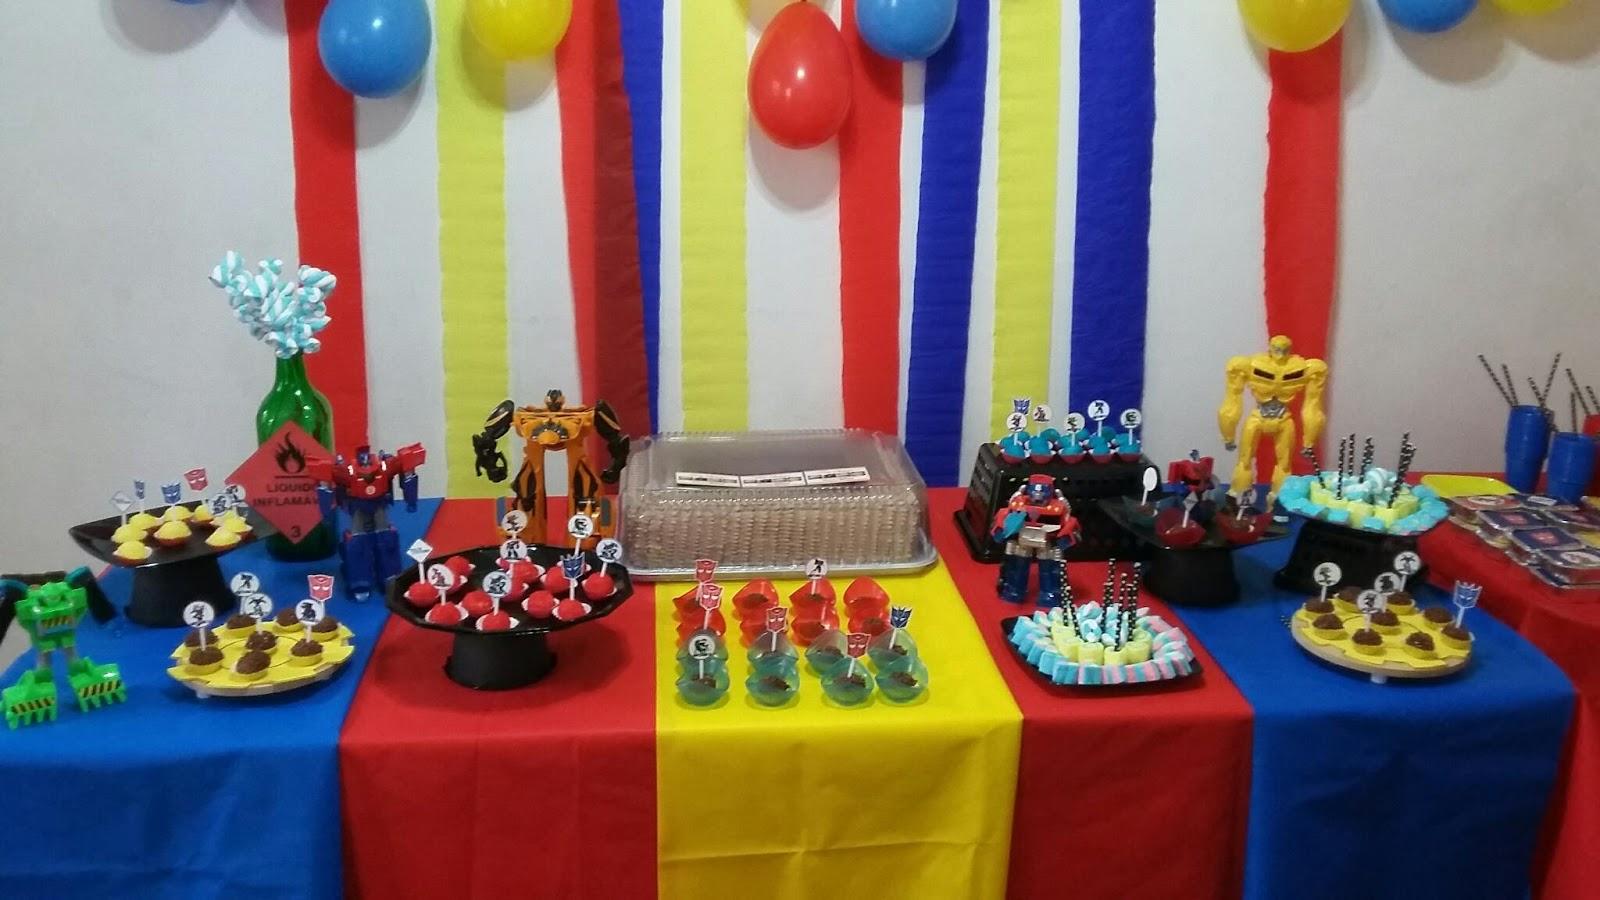 Cozinhando em casa Decoraç u00e3o de aniversário infantil -> Decoração De Aniversario Infantil Com Tnt